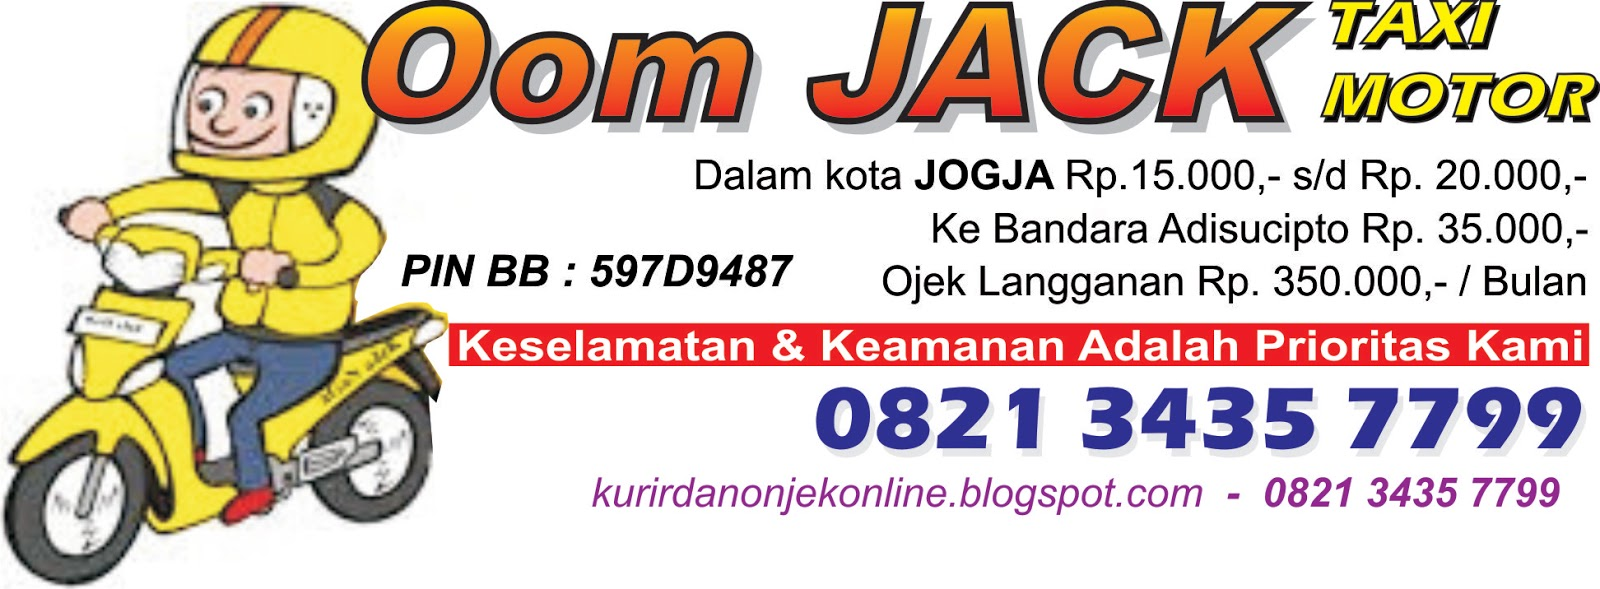 Tour and travel, Jual tiket promo, Jasa antar jemput